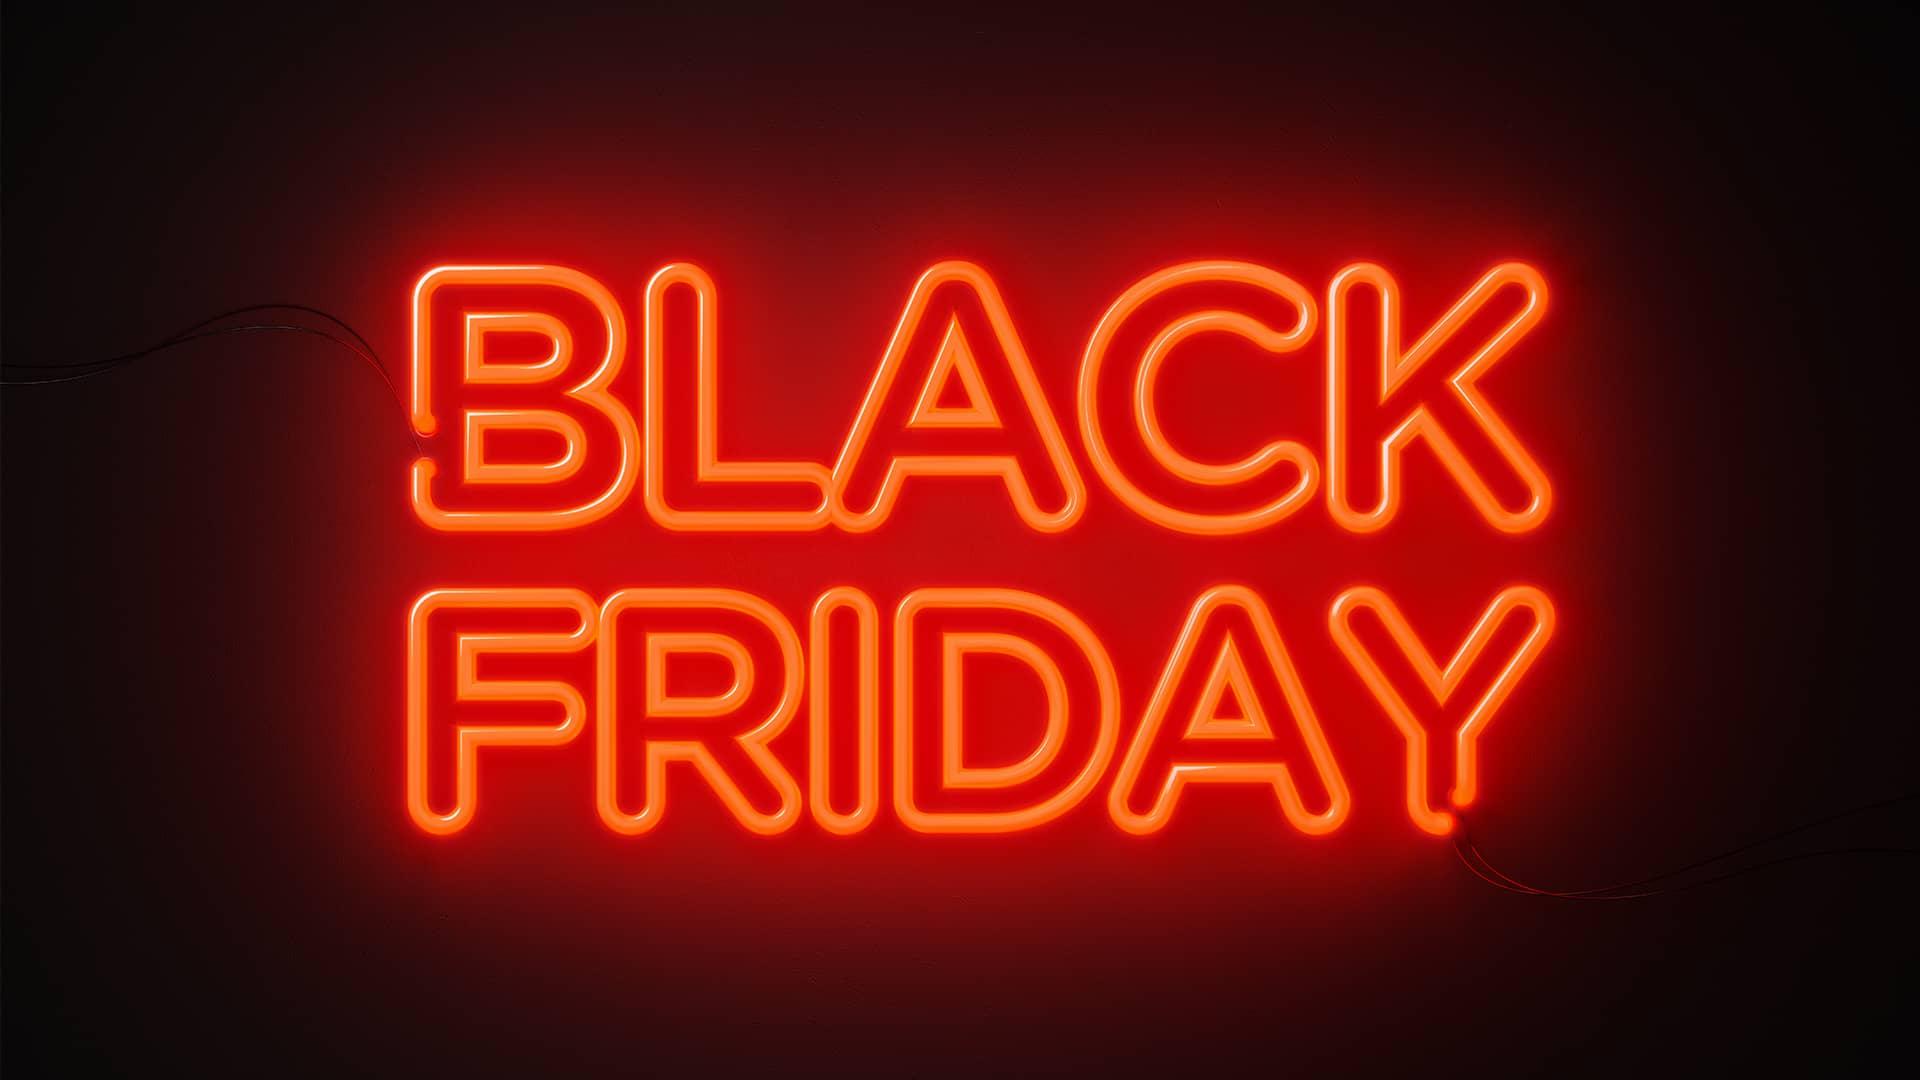 Ofertas Black Friday 2021 Vodafone: descuentos y regalos